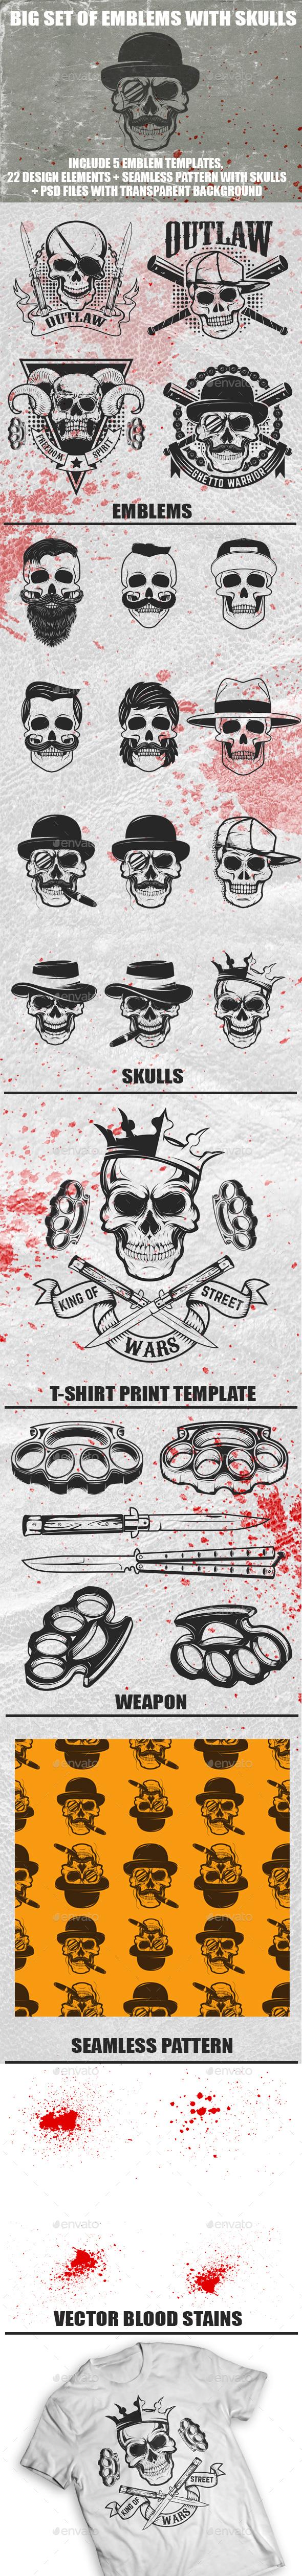 Set of Emblems with Skulls - Tattoos Vectors